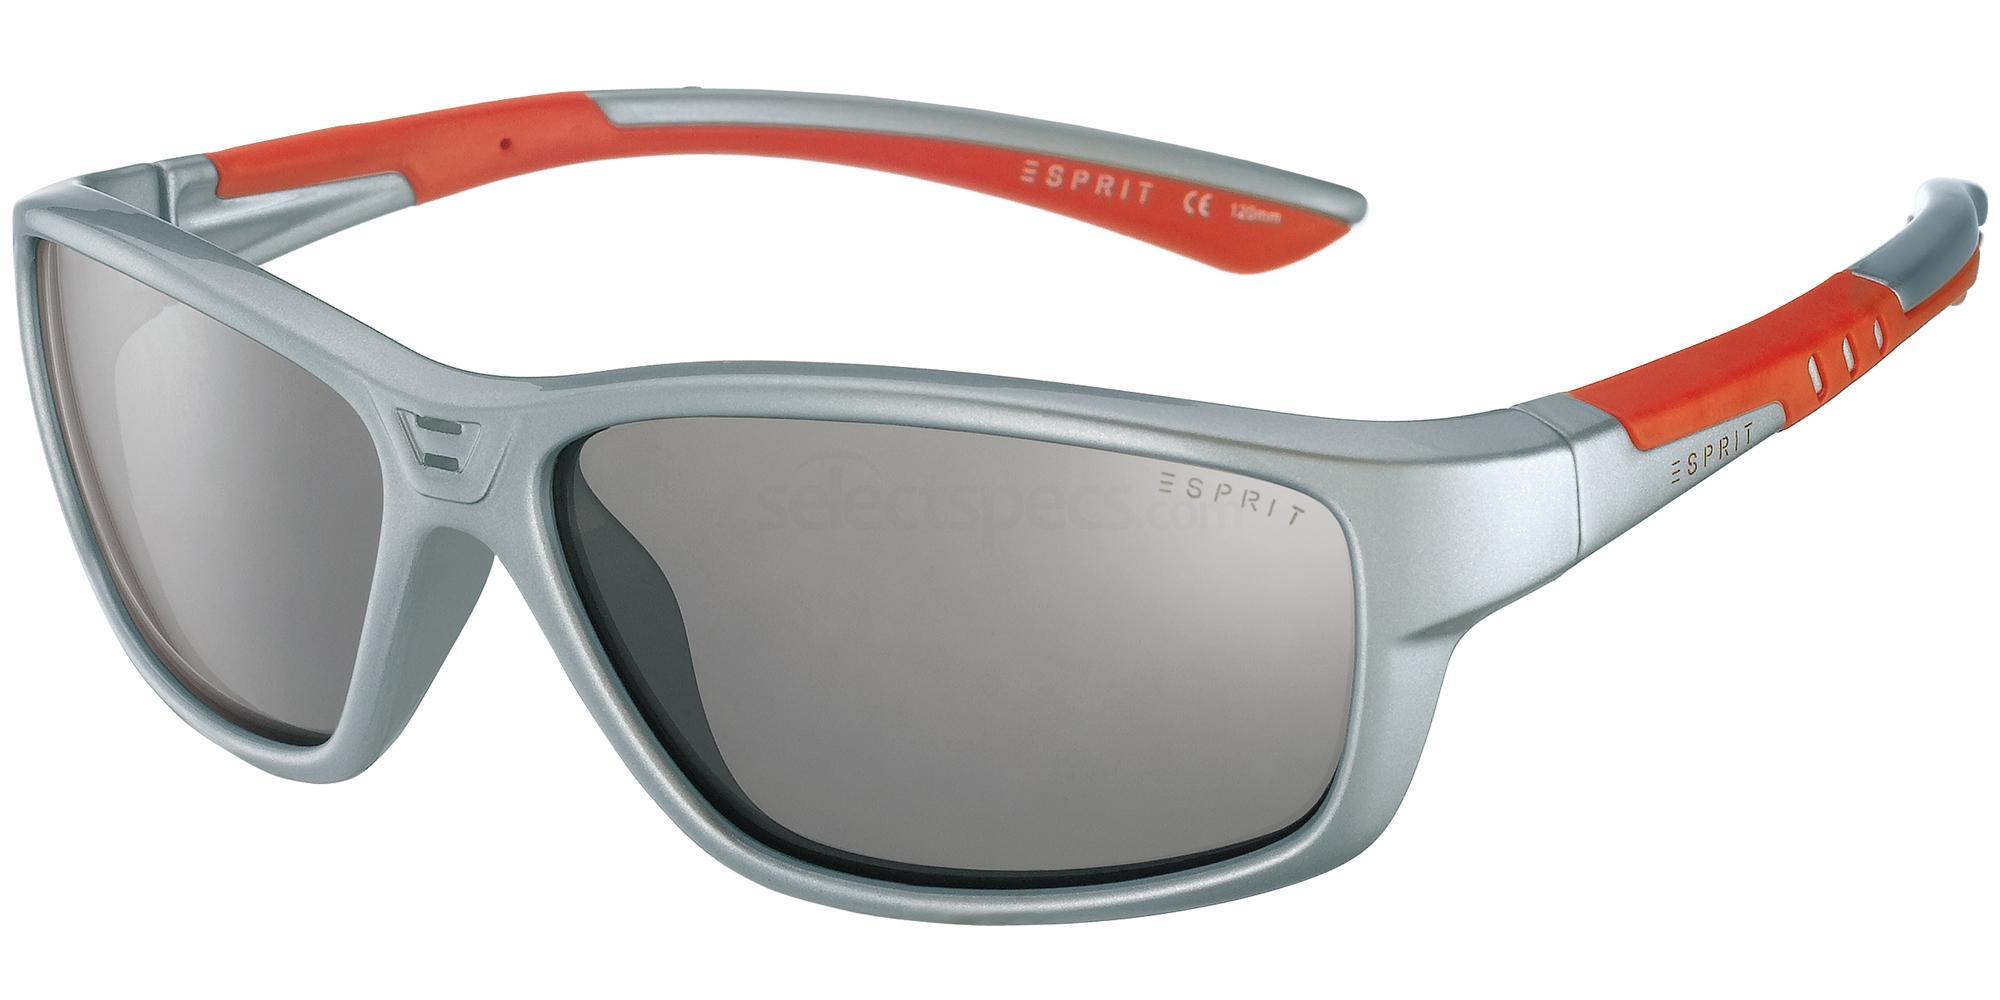 524 ET19764 Sunglasses, Esprit KIDS